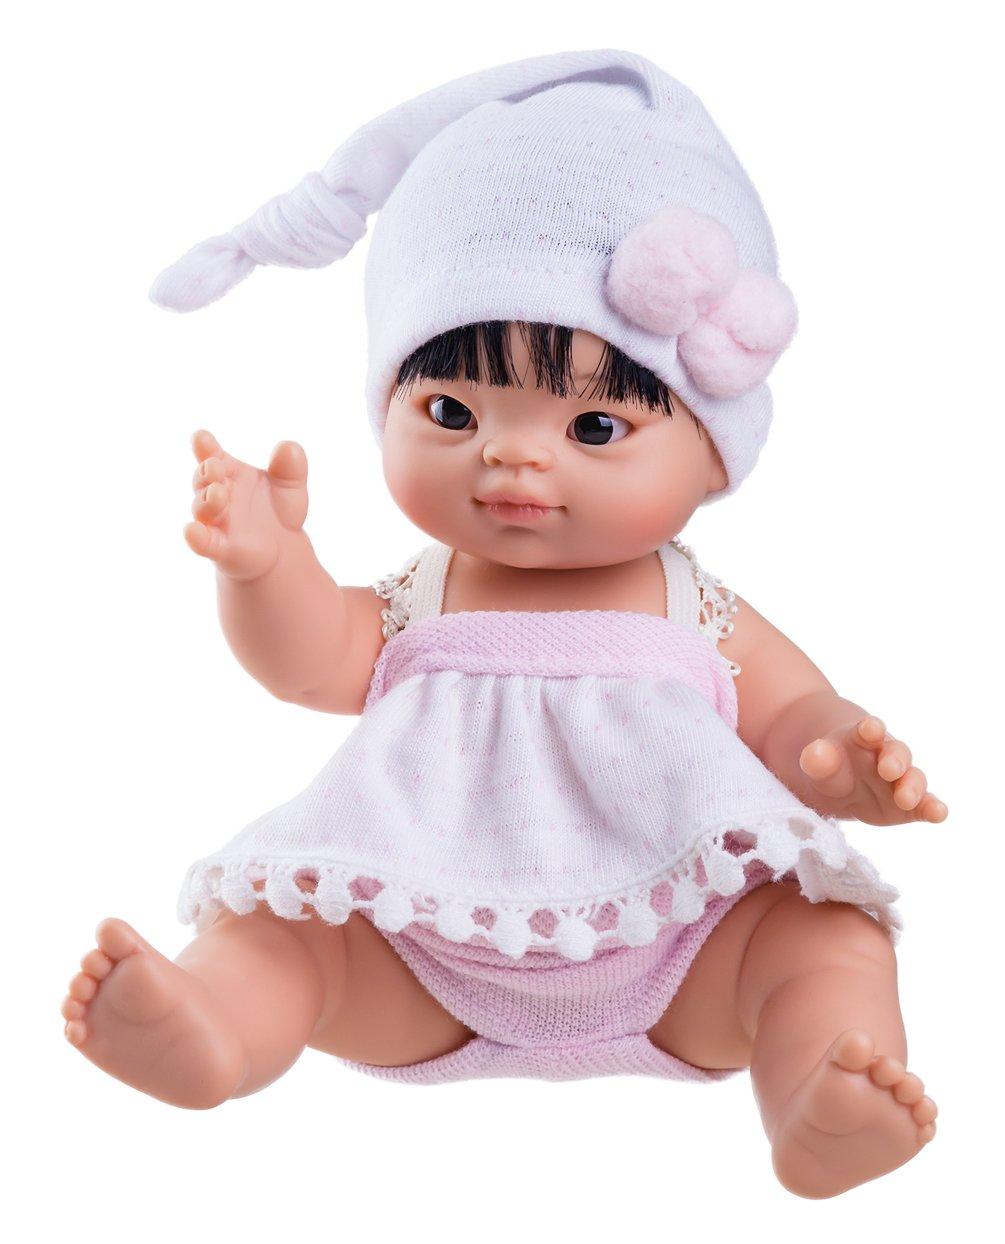 Paolit@s - Página 3 Paola_Reina_Paola_Reina_Paola_reina00648_22_cm_flora_Doll_Paolitos_781510503